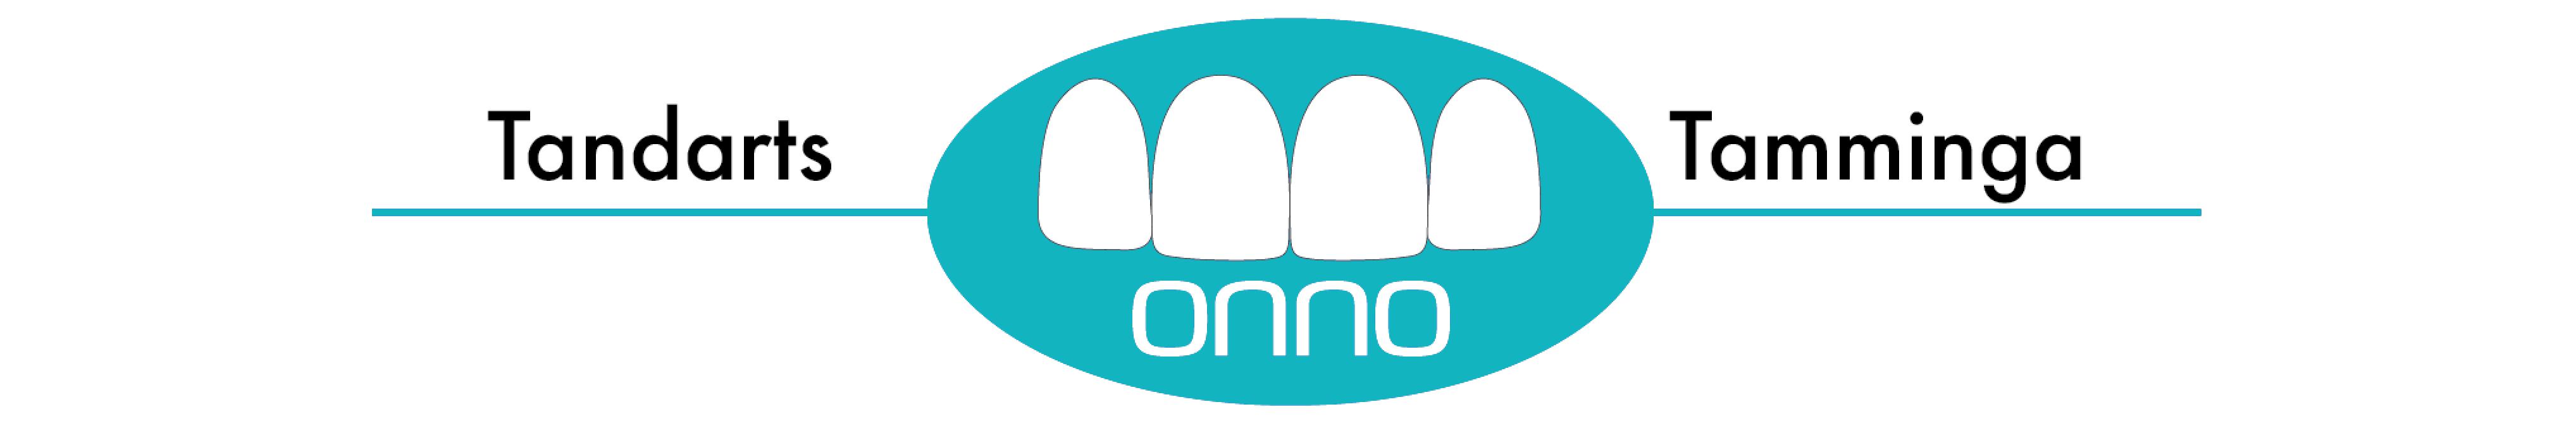 Mooi gebit dankzij tandtechniek in Arnhem